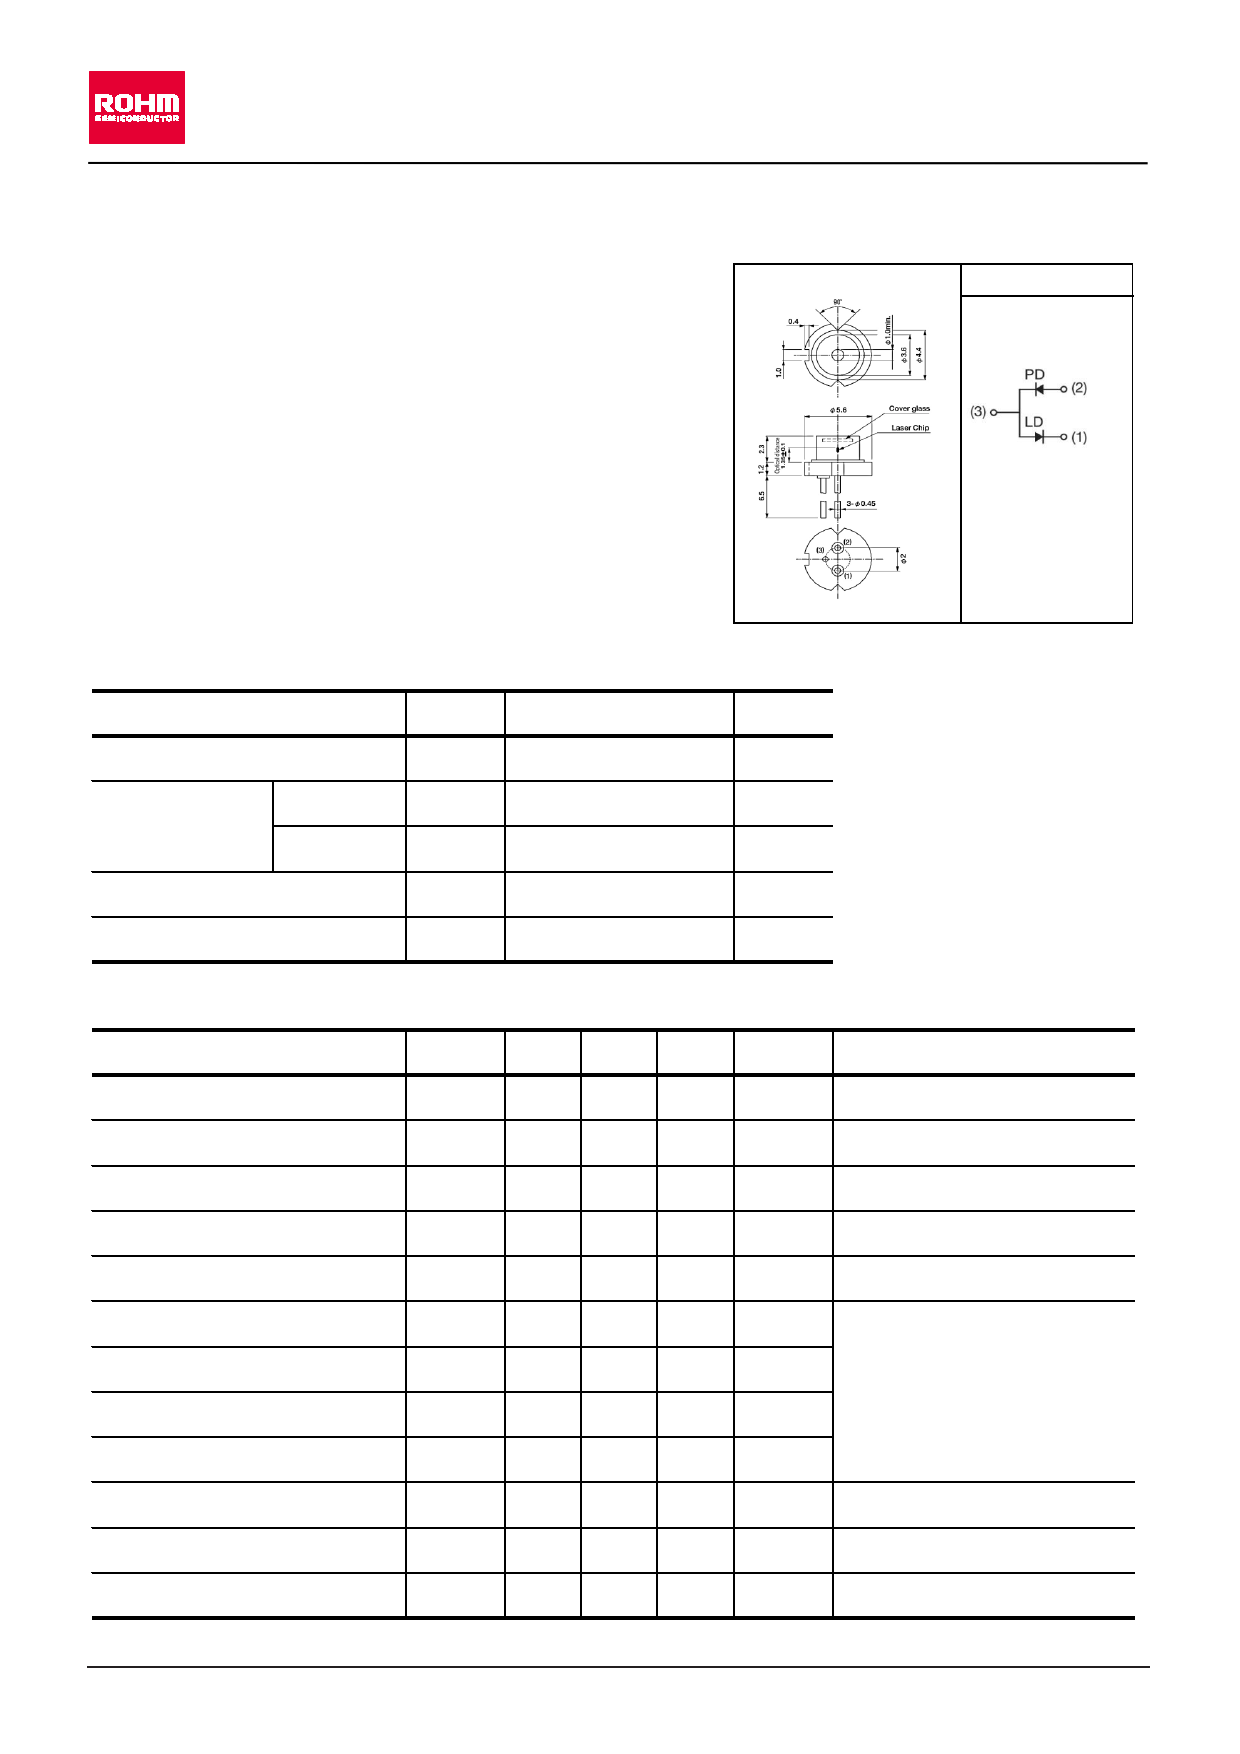 RLD78NZM5 Datenblatt PDF